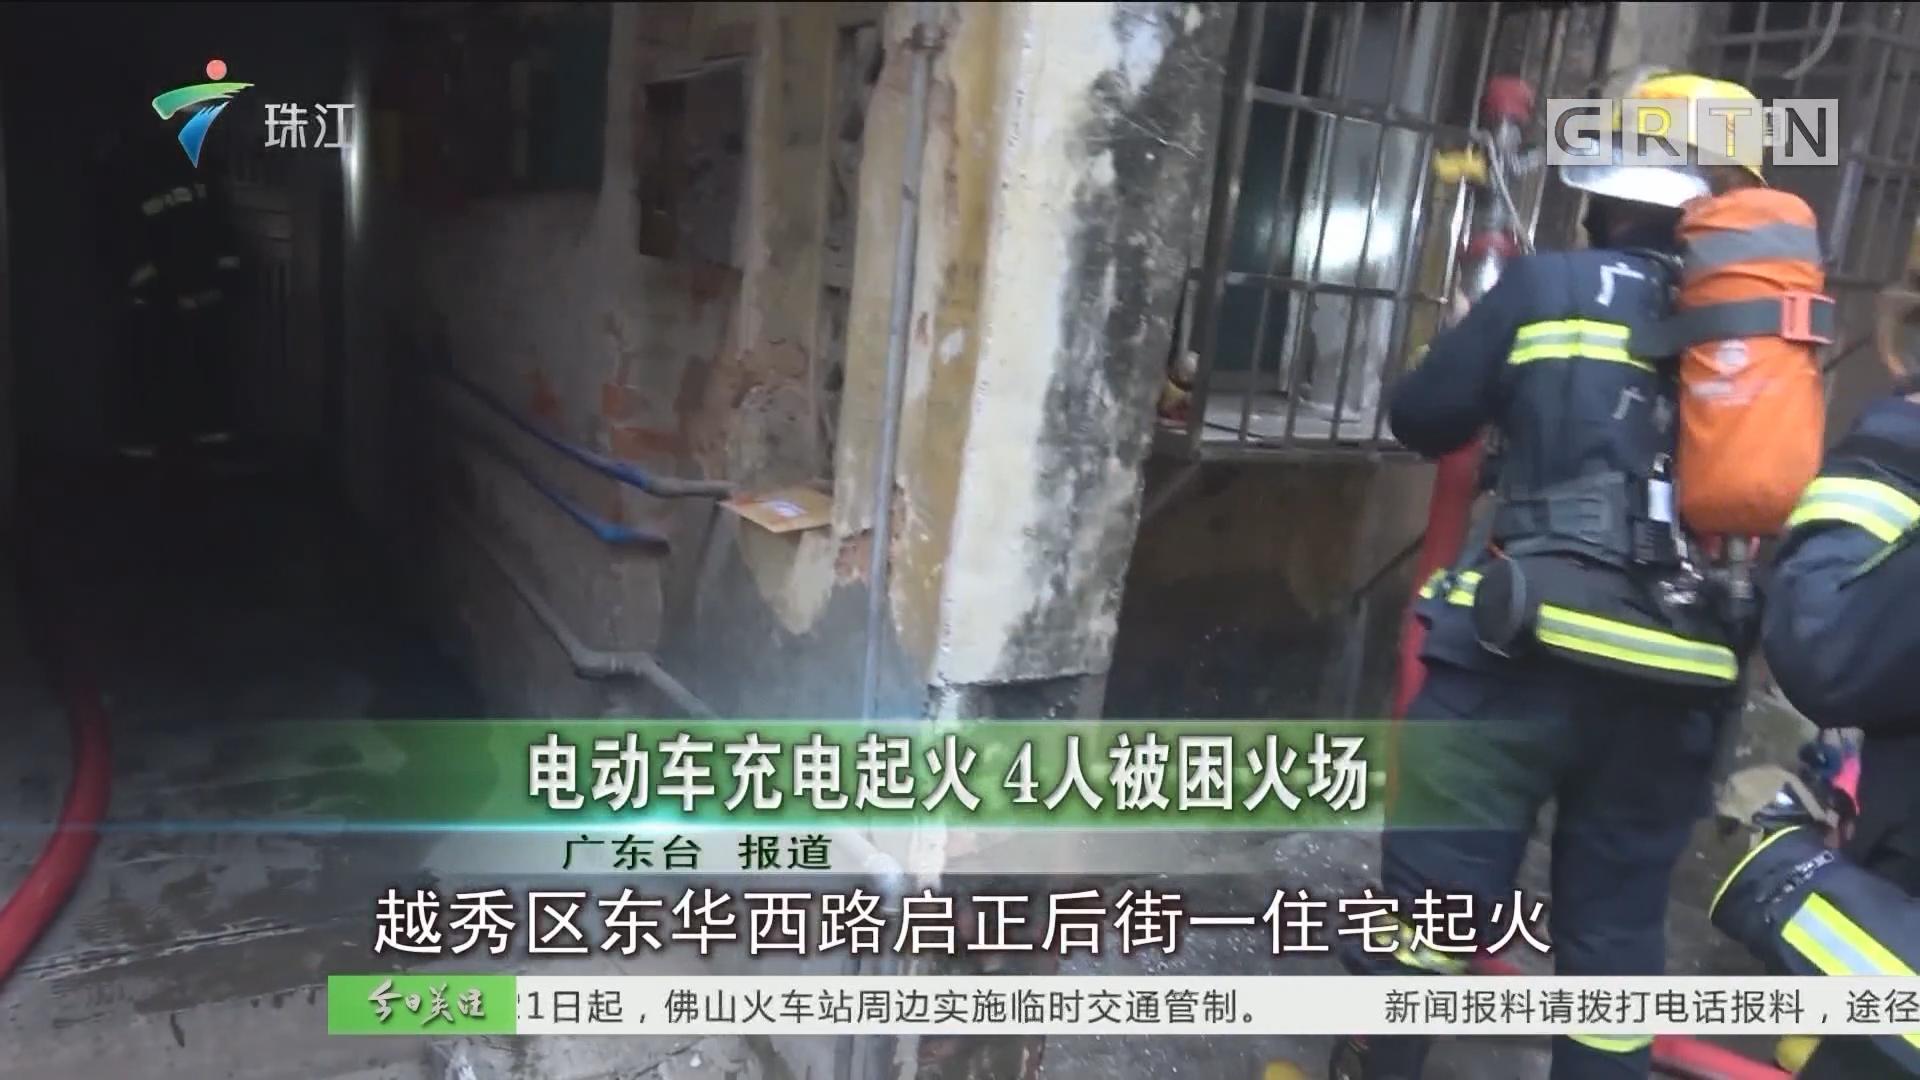 电动车充电起火 4人被困火场